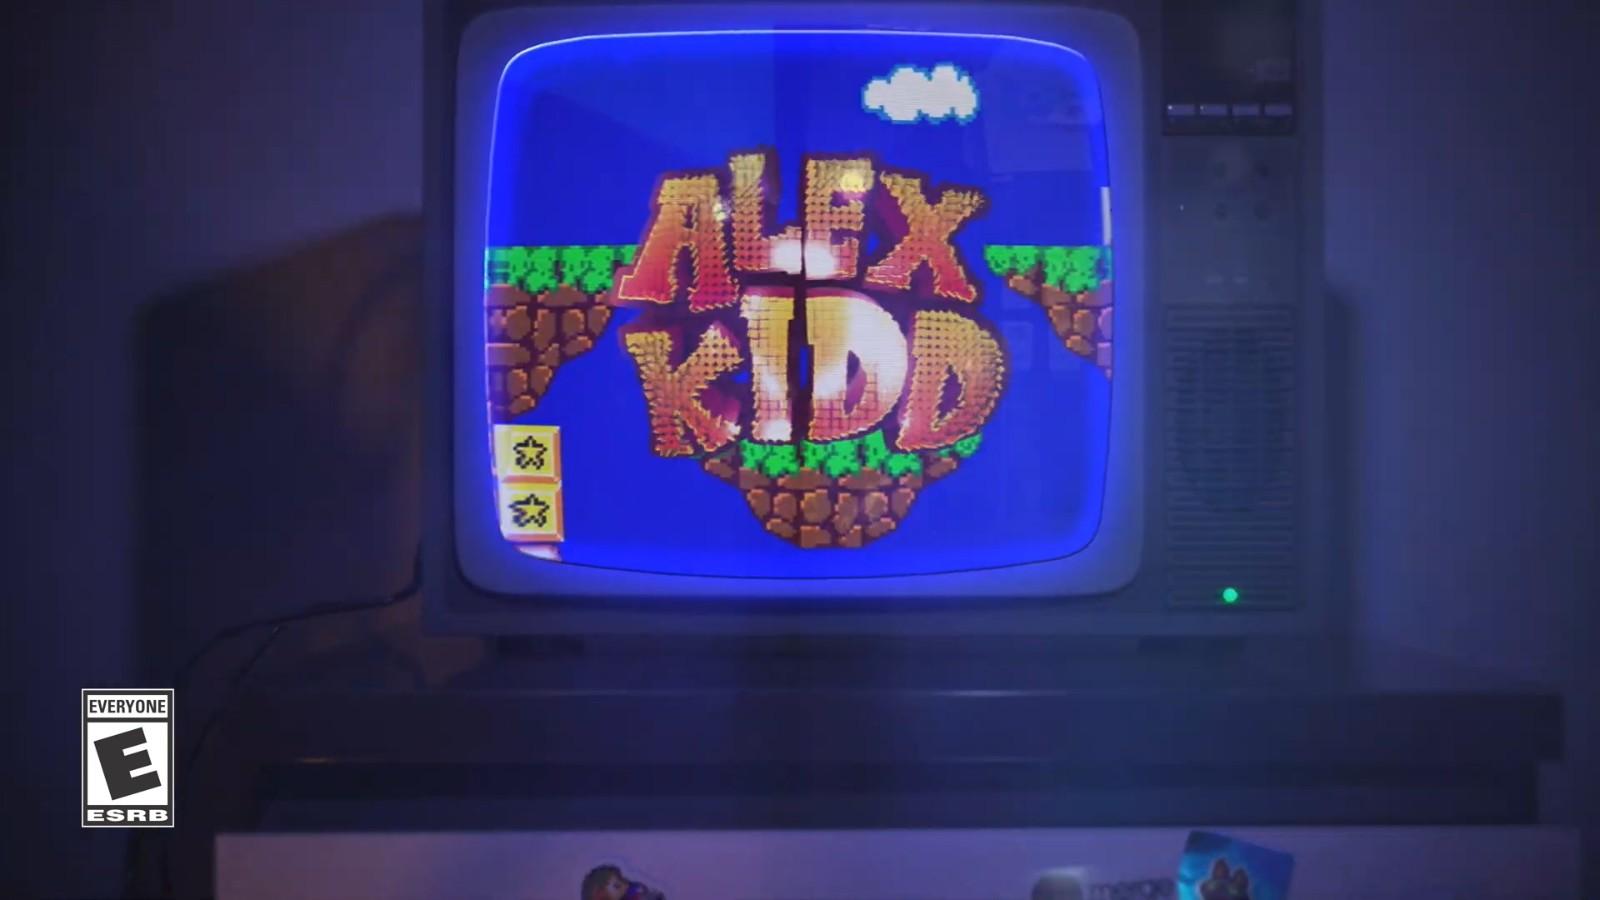 《阿历克斯小子奇幻世界大冒险 DX》发售预告 世嘉经典重制